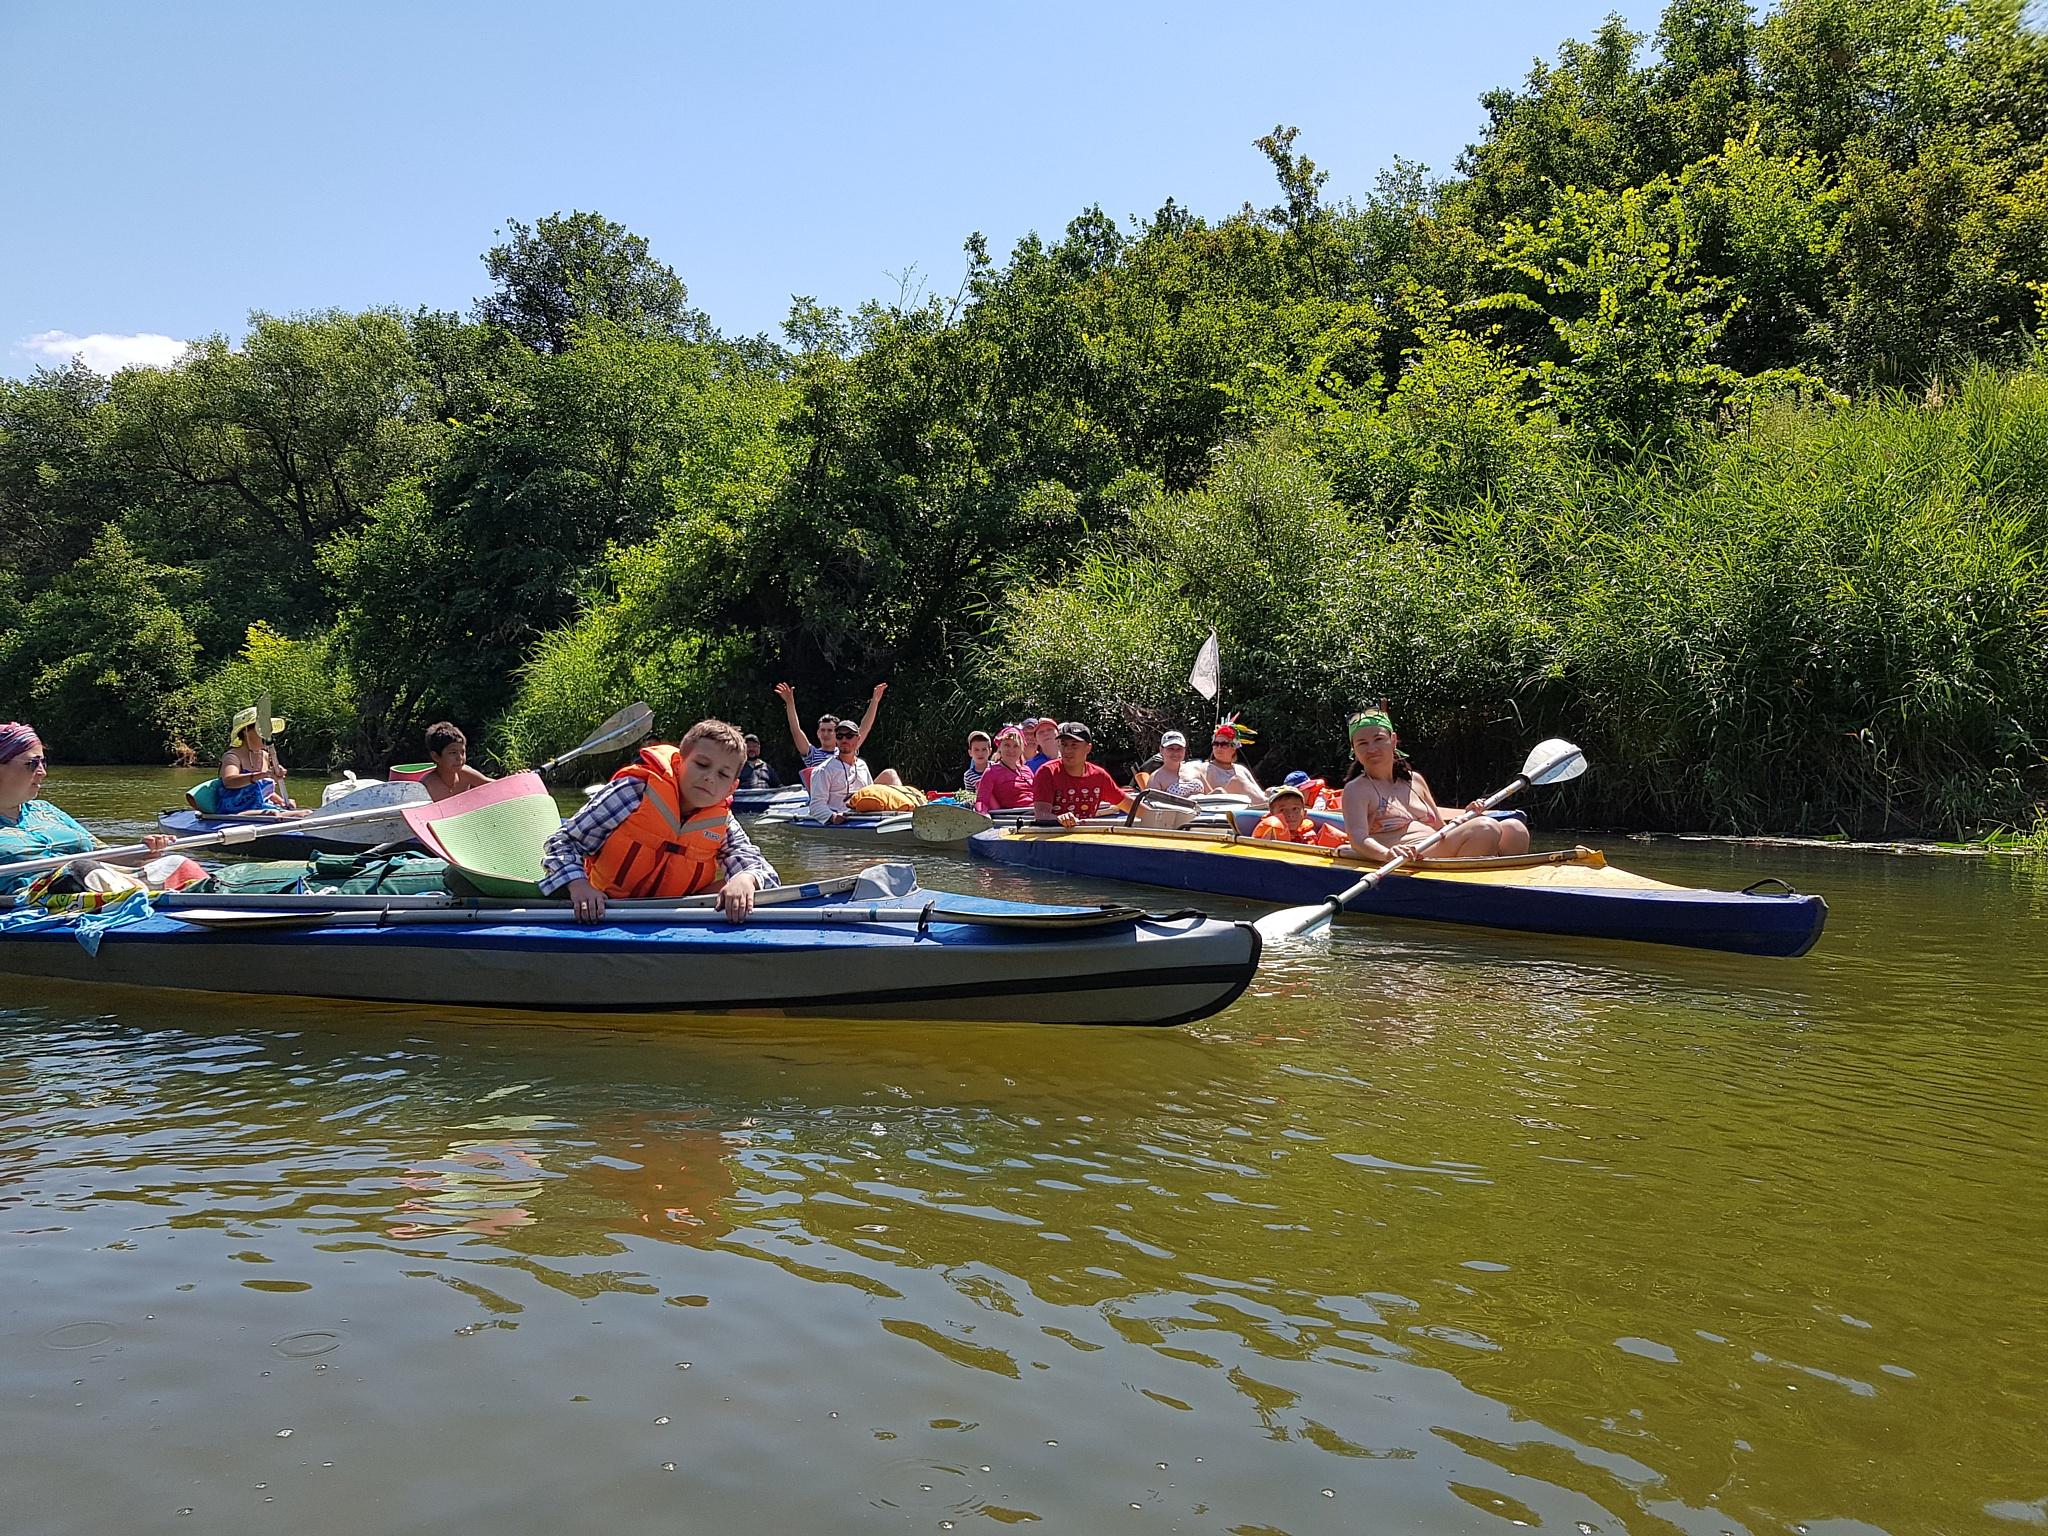 Саратовские нефтяники с семьями покорили реку Медведицу